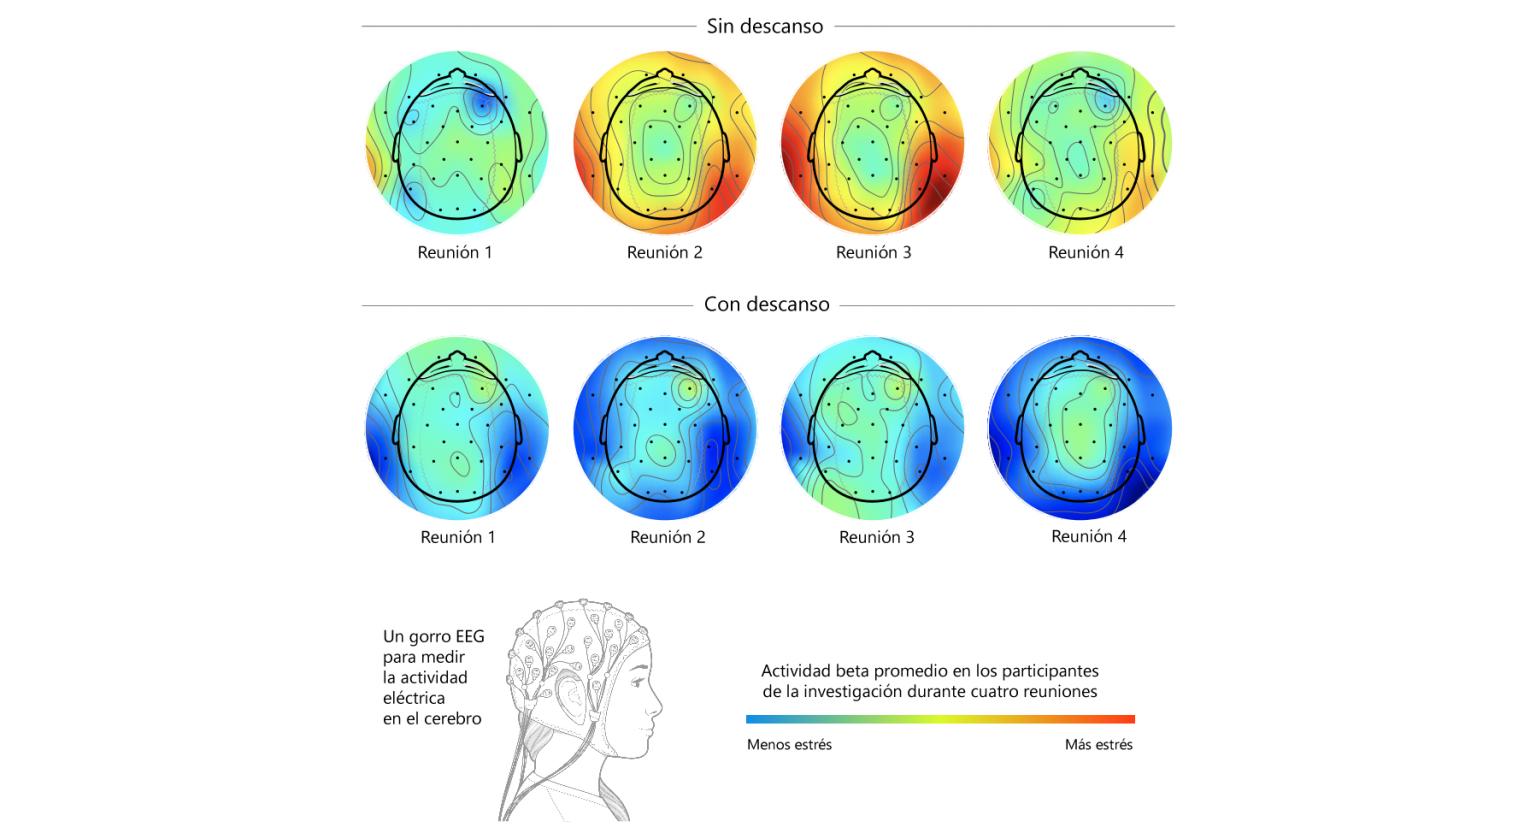 Investigación de Microsoft sobre ondas cerebrales revela que descansos cortos pueden combatir el estrés y la fatiga por reuniones